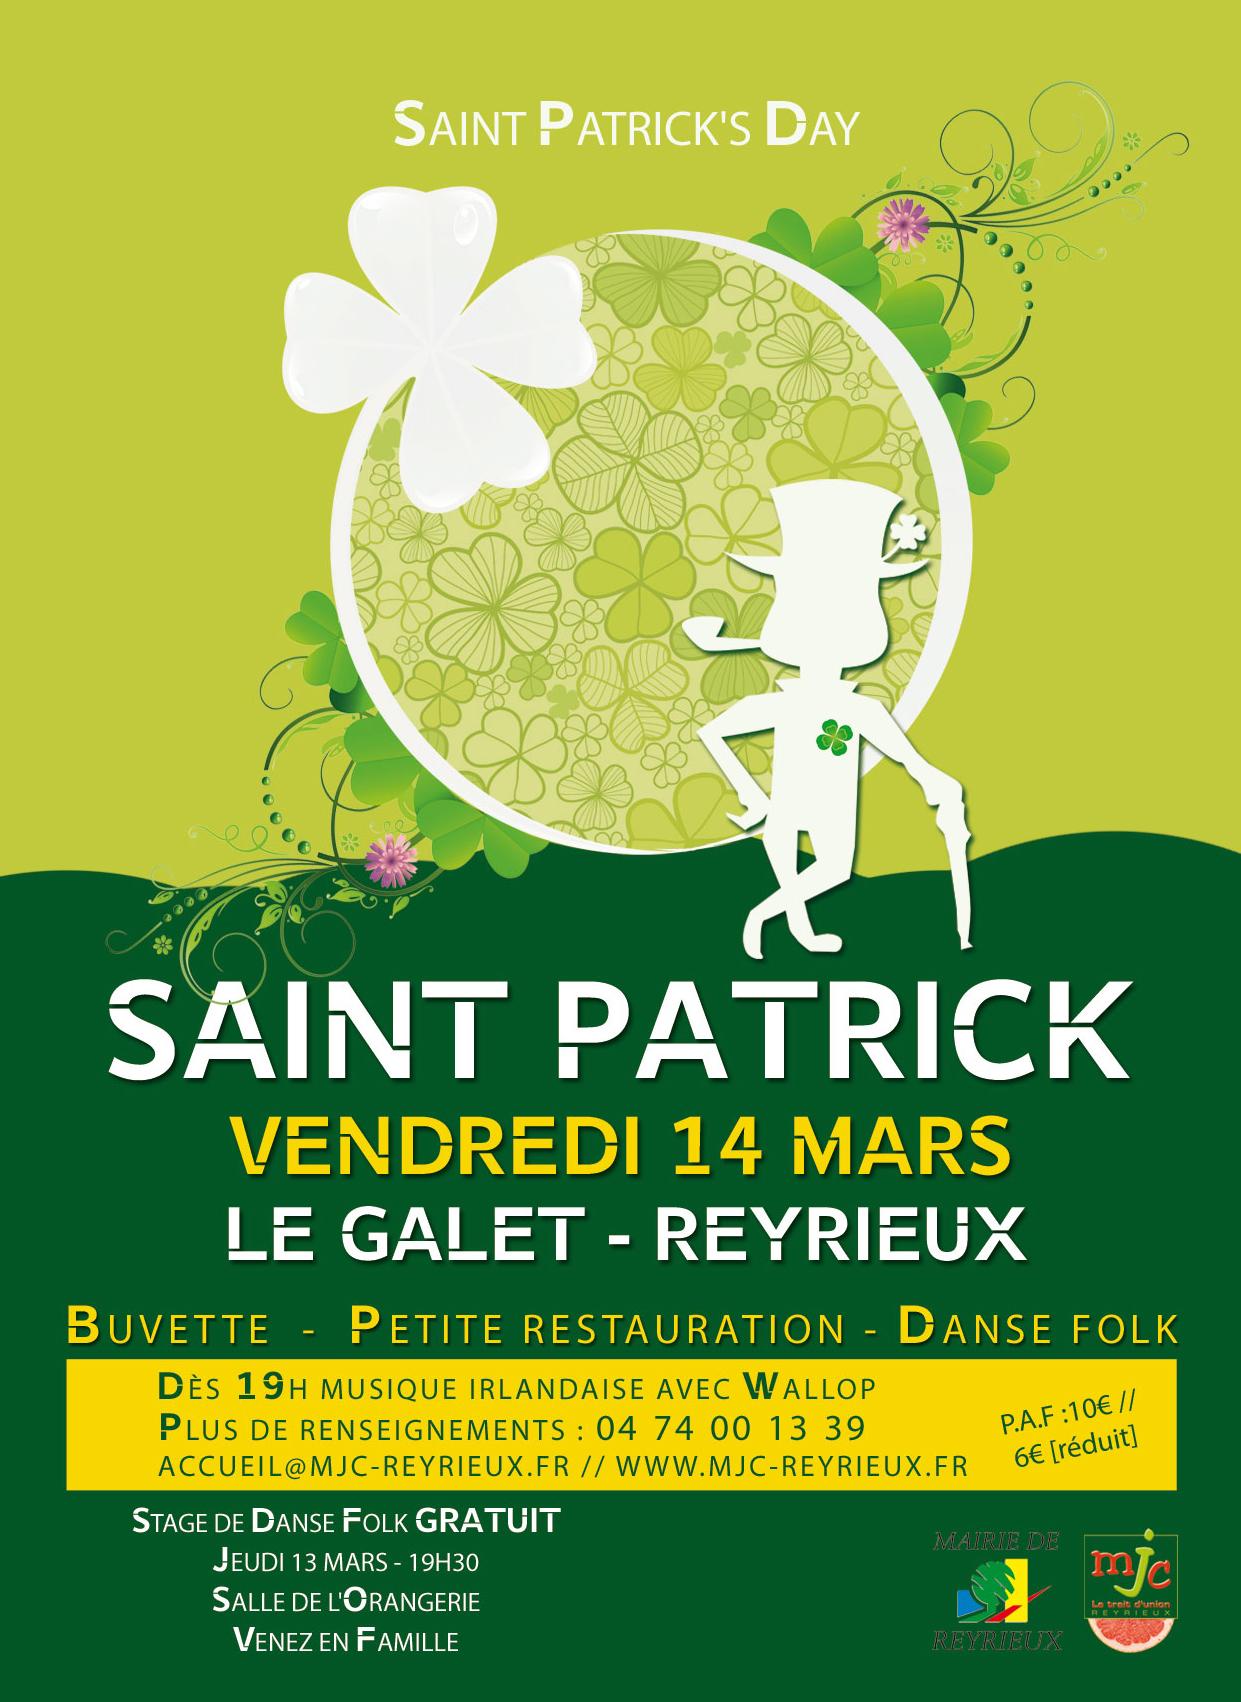 Soirée Saint Patrick - Concert et Bal Folk - 14 mars 2014 à Reyrieux